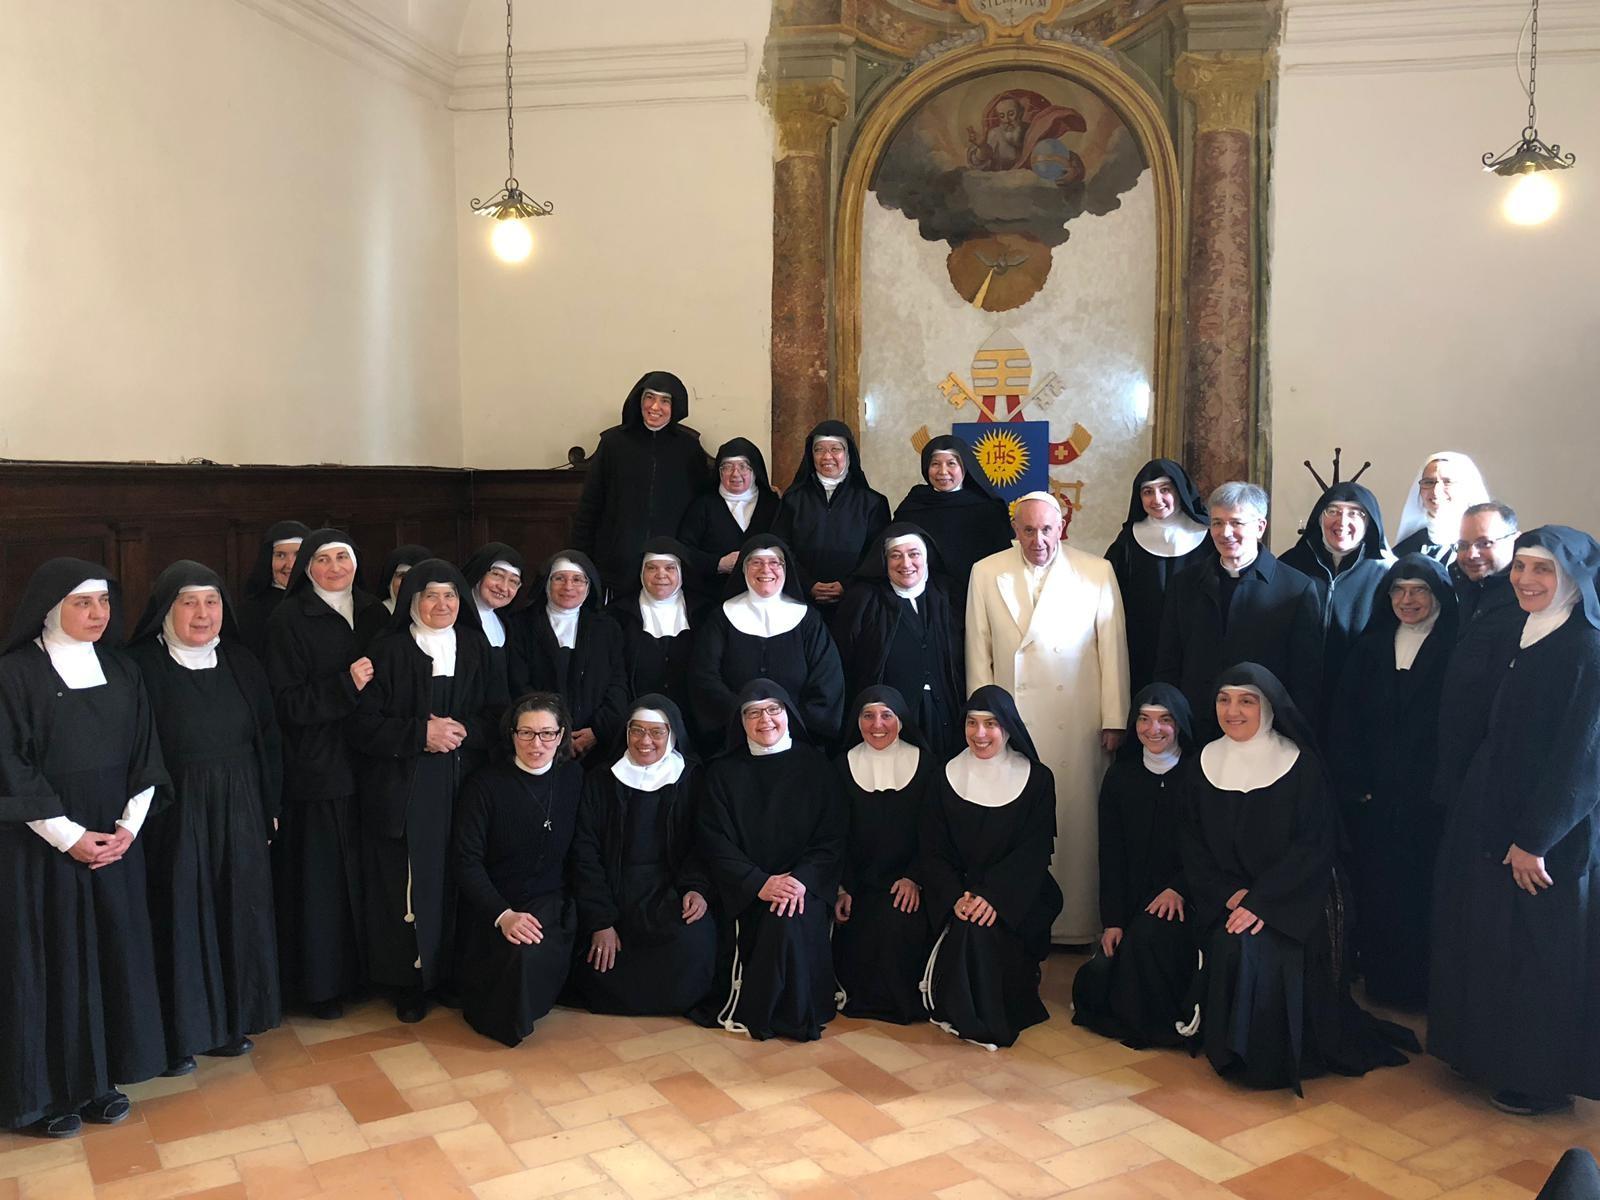 requisitos para ingresar en un convento